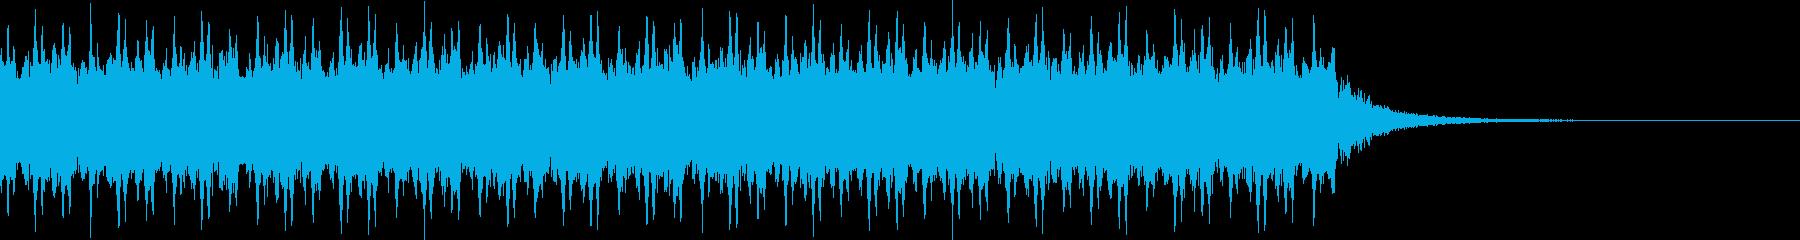 レーザー銃を発射する音の再生済みの波形